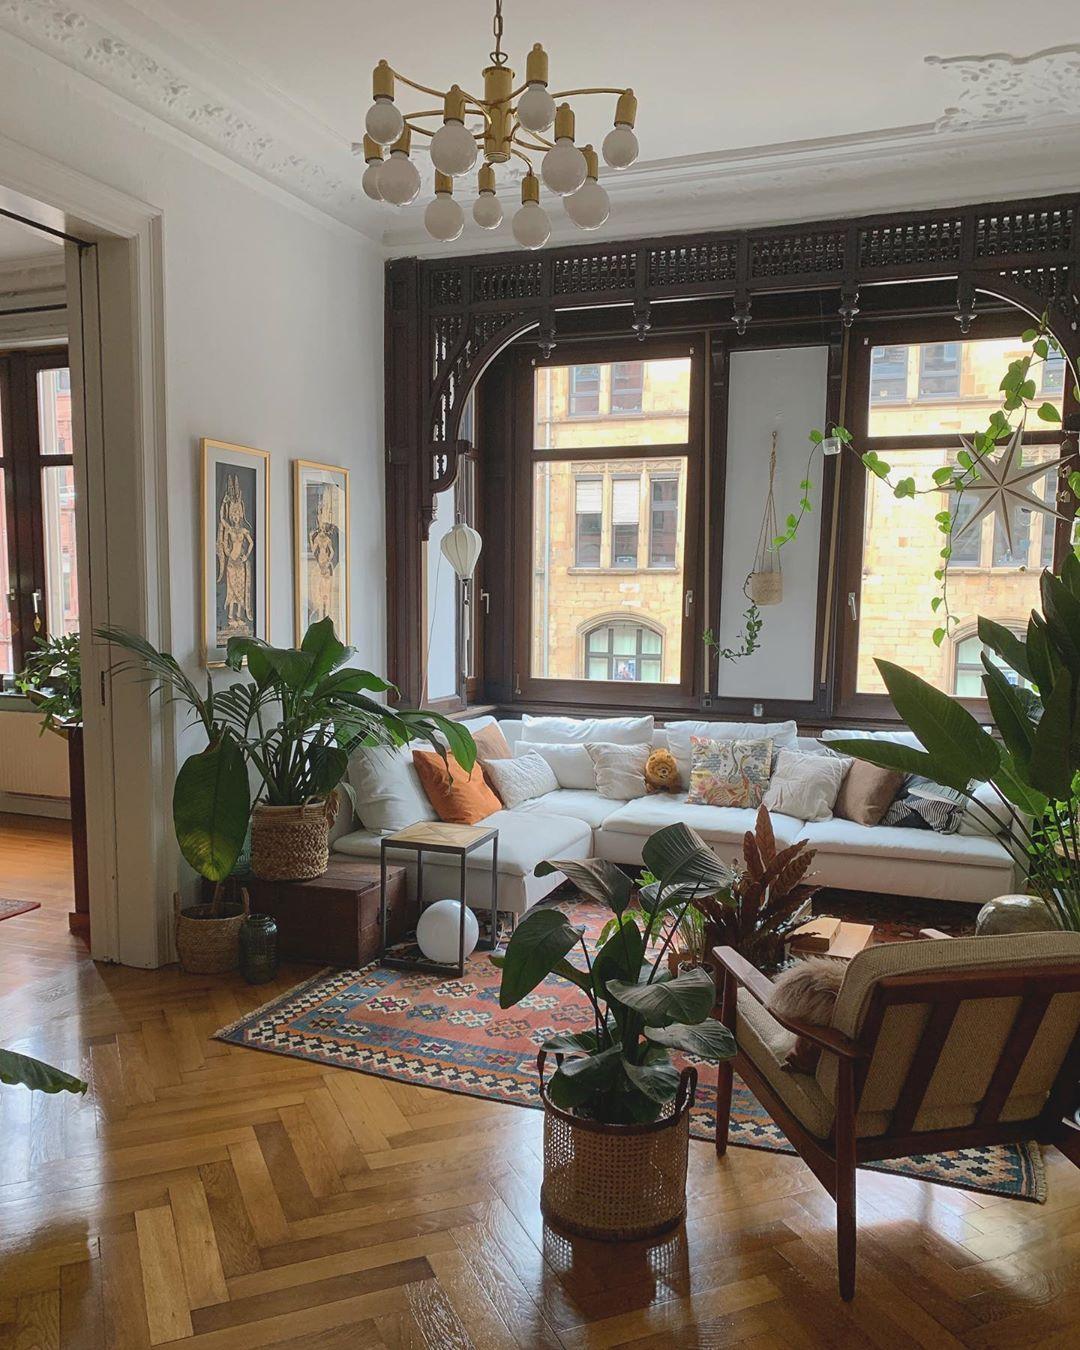 """Photo of Tina von di recente su Instagram: """"Il posto preferito di sempre nella stagione fredda ❤️ #iicalltimefavourite # cozy home #iic # instagraminteriorchallenge …"""""""